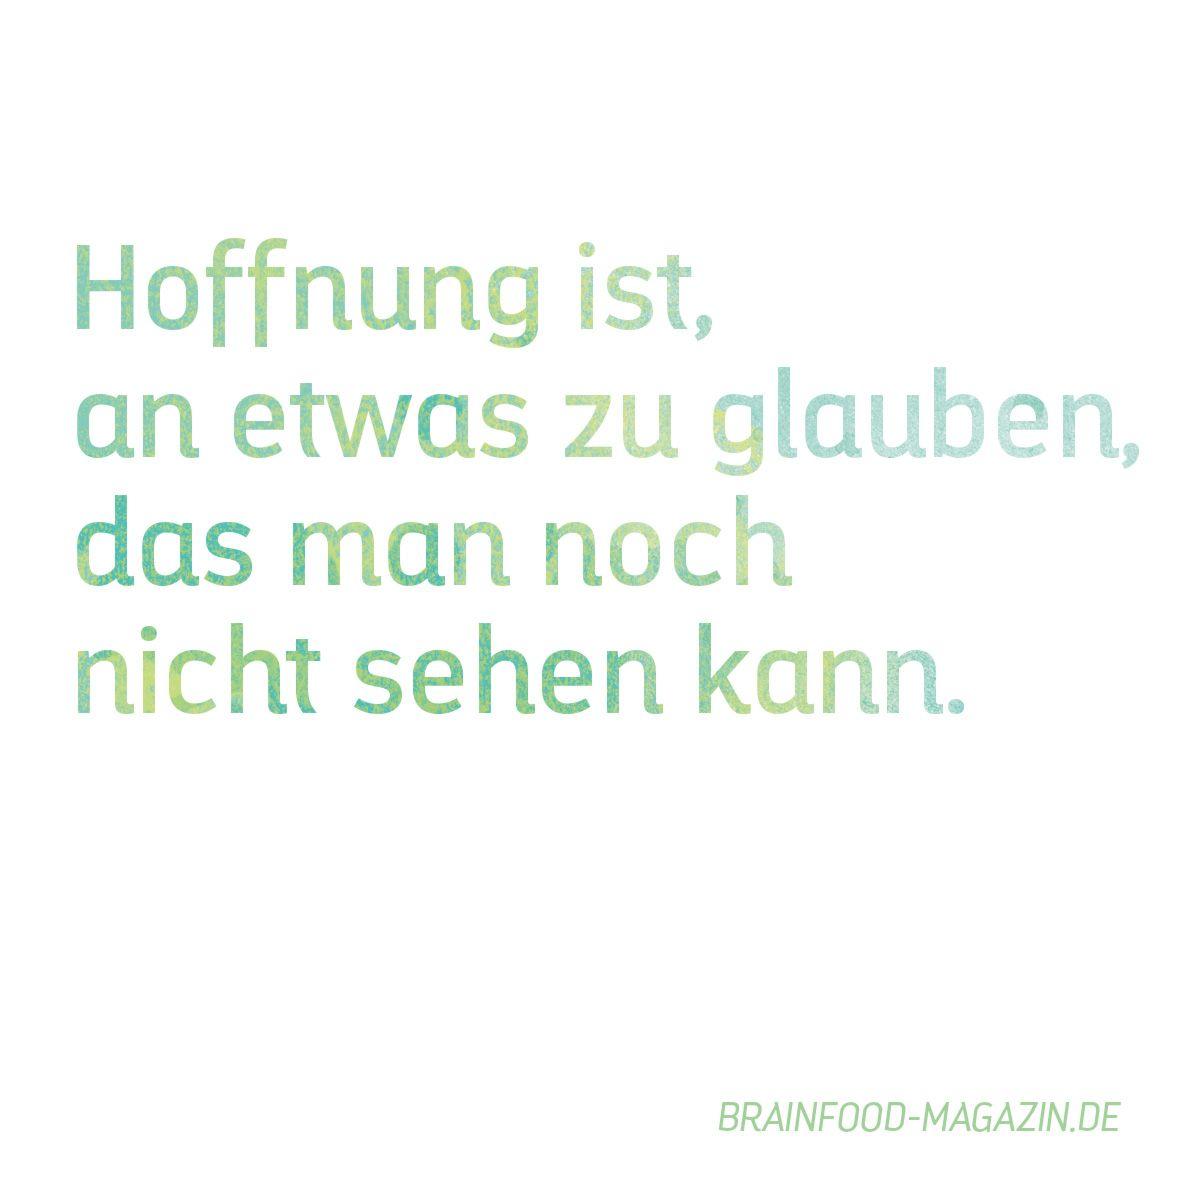 Die Hoffnung stirbt zuletzt | inspiration and wisdom ...